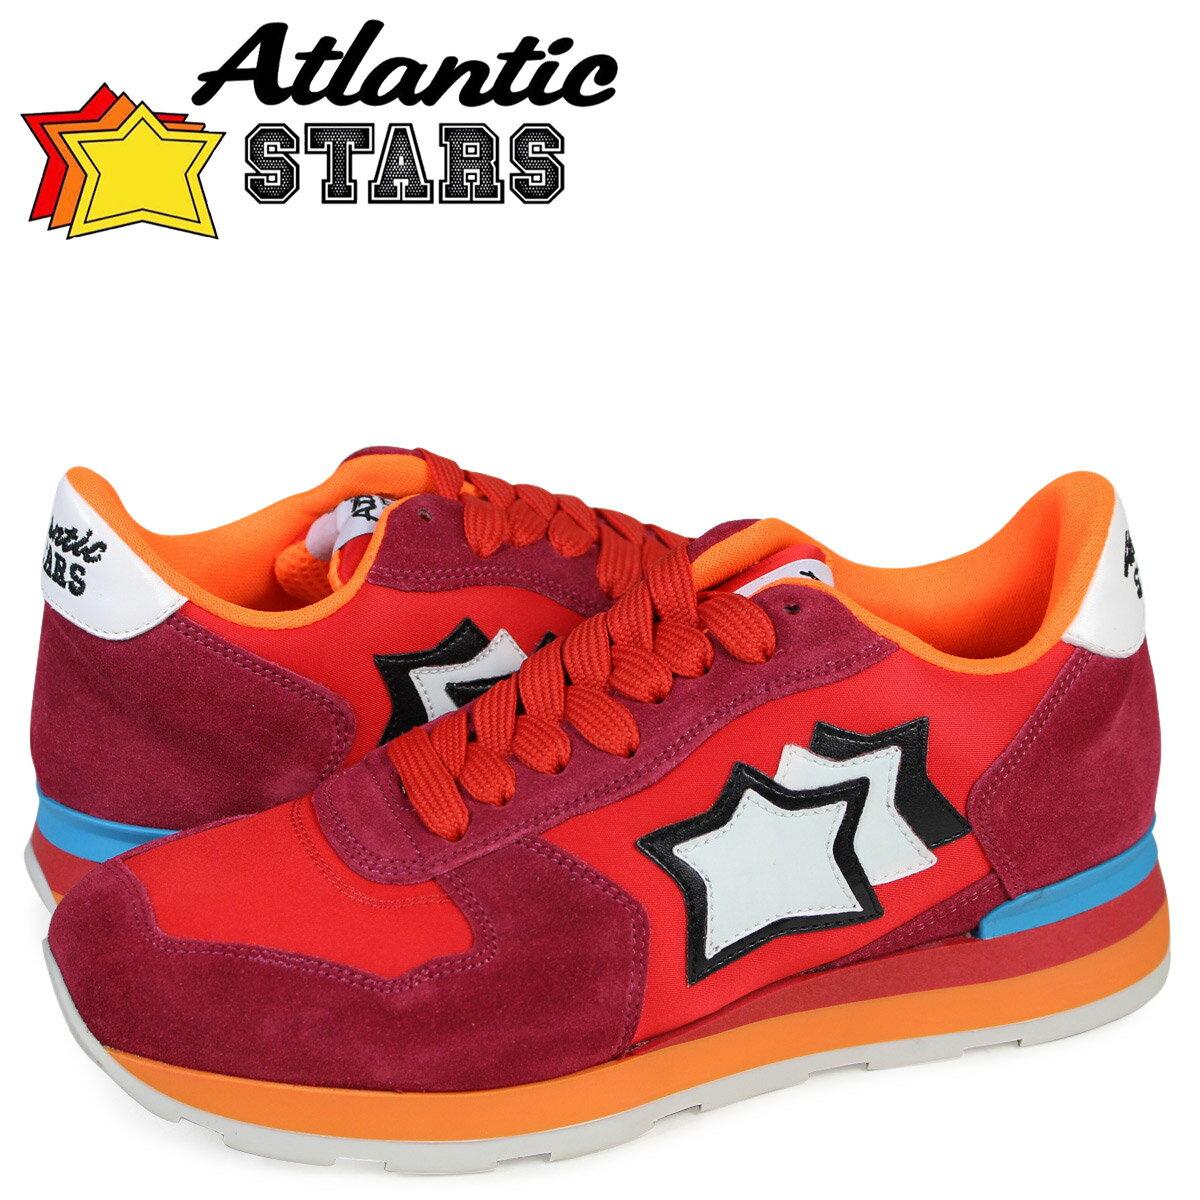 【最大1000円OFFクーポン ポイント最大30倍】 アトランティックスターズ レディース スニーカー Atlantic STARS ベガ VEGA FRA-85C 靴 レッド